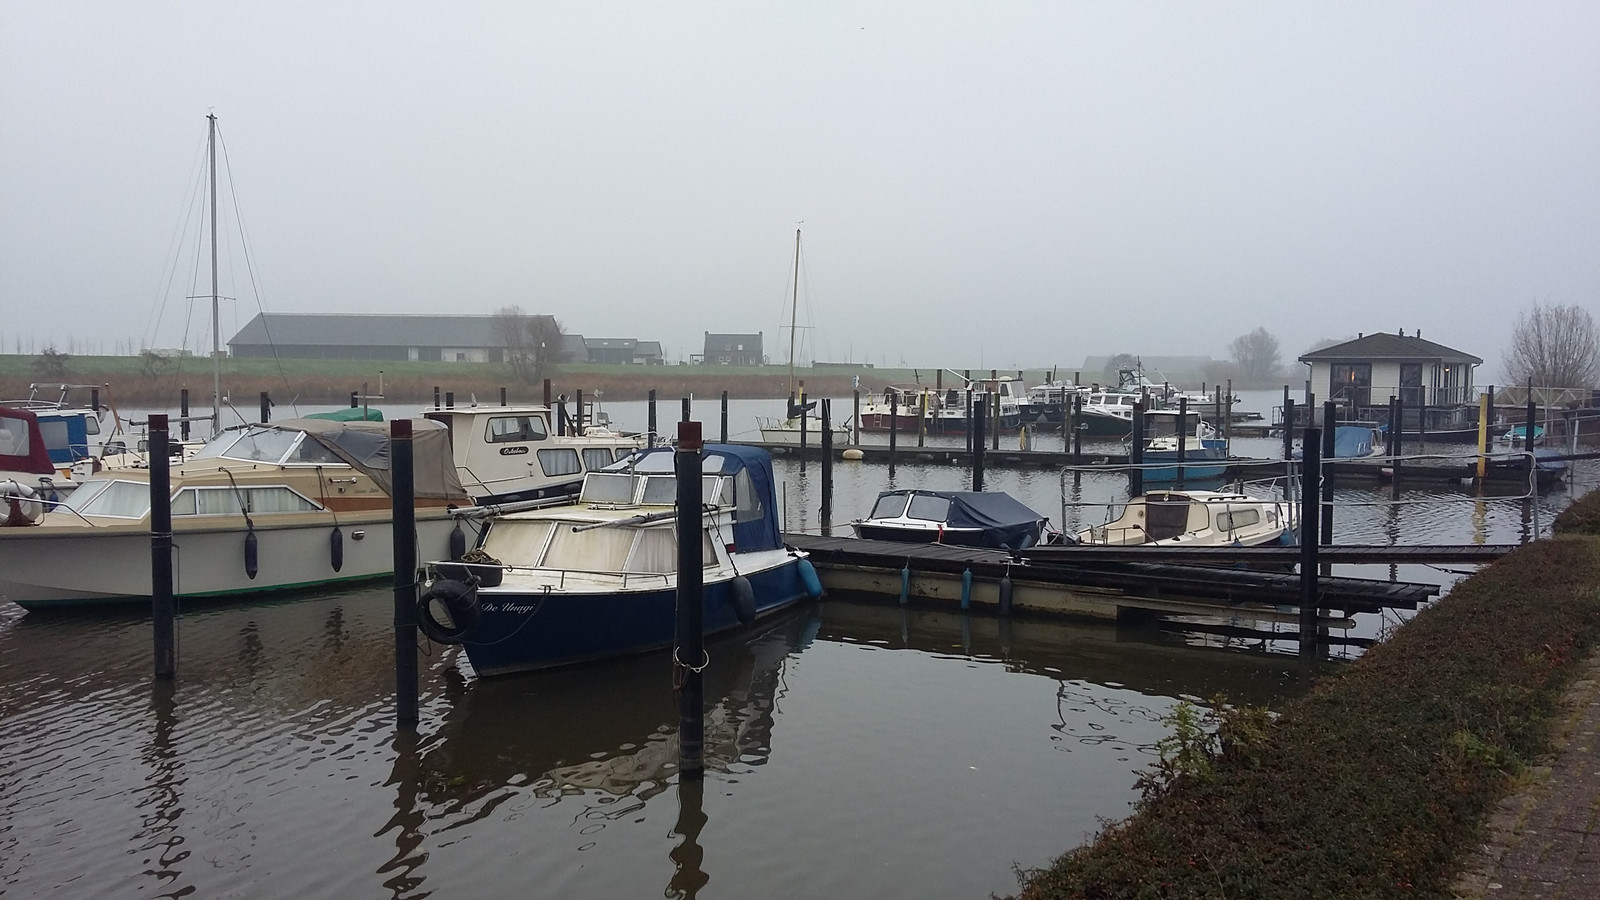 Waalwijkse watersporters hebben absoluut geen zin om naar de haven van Raamsdonk te verhuizen.